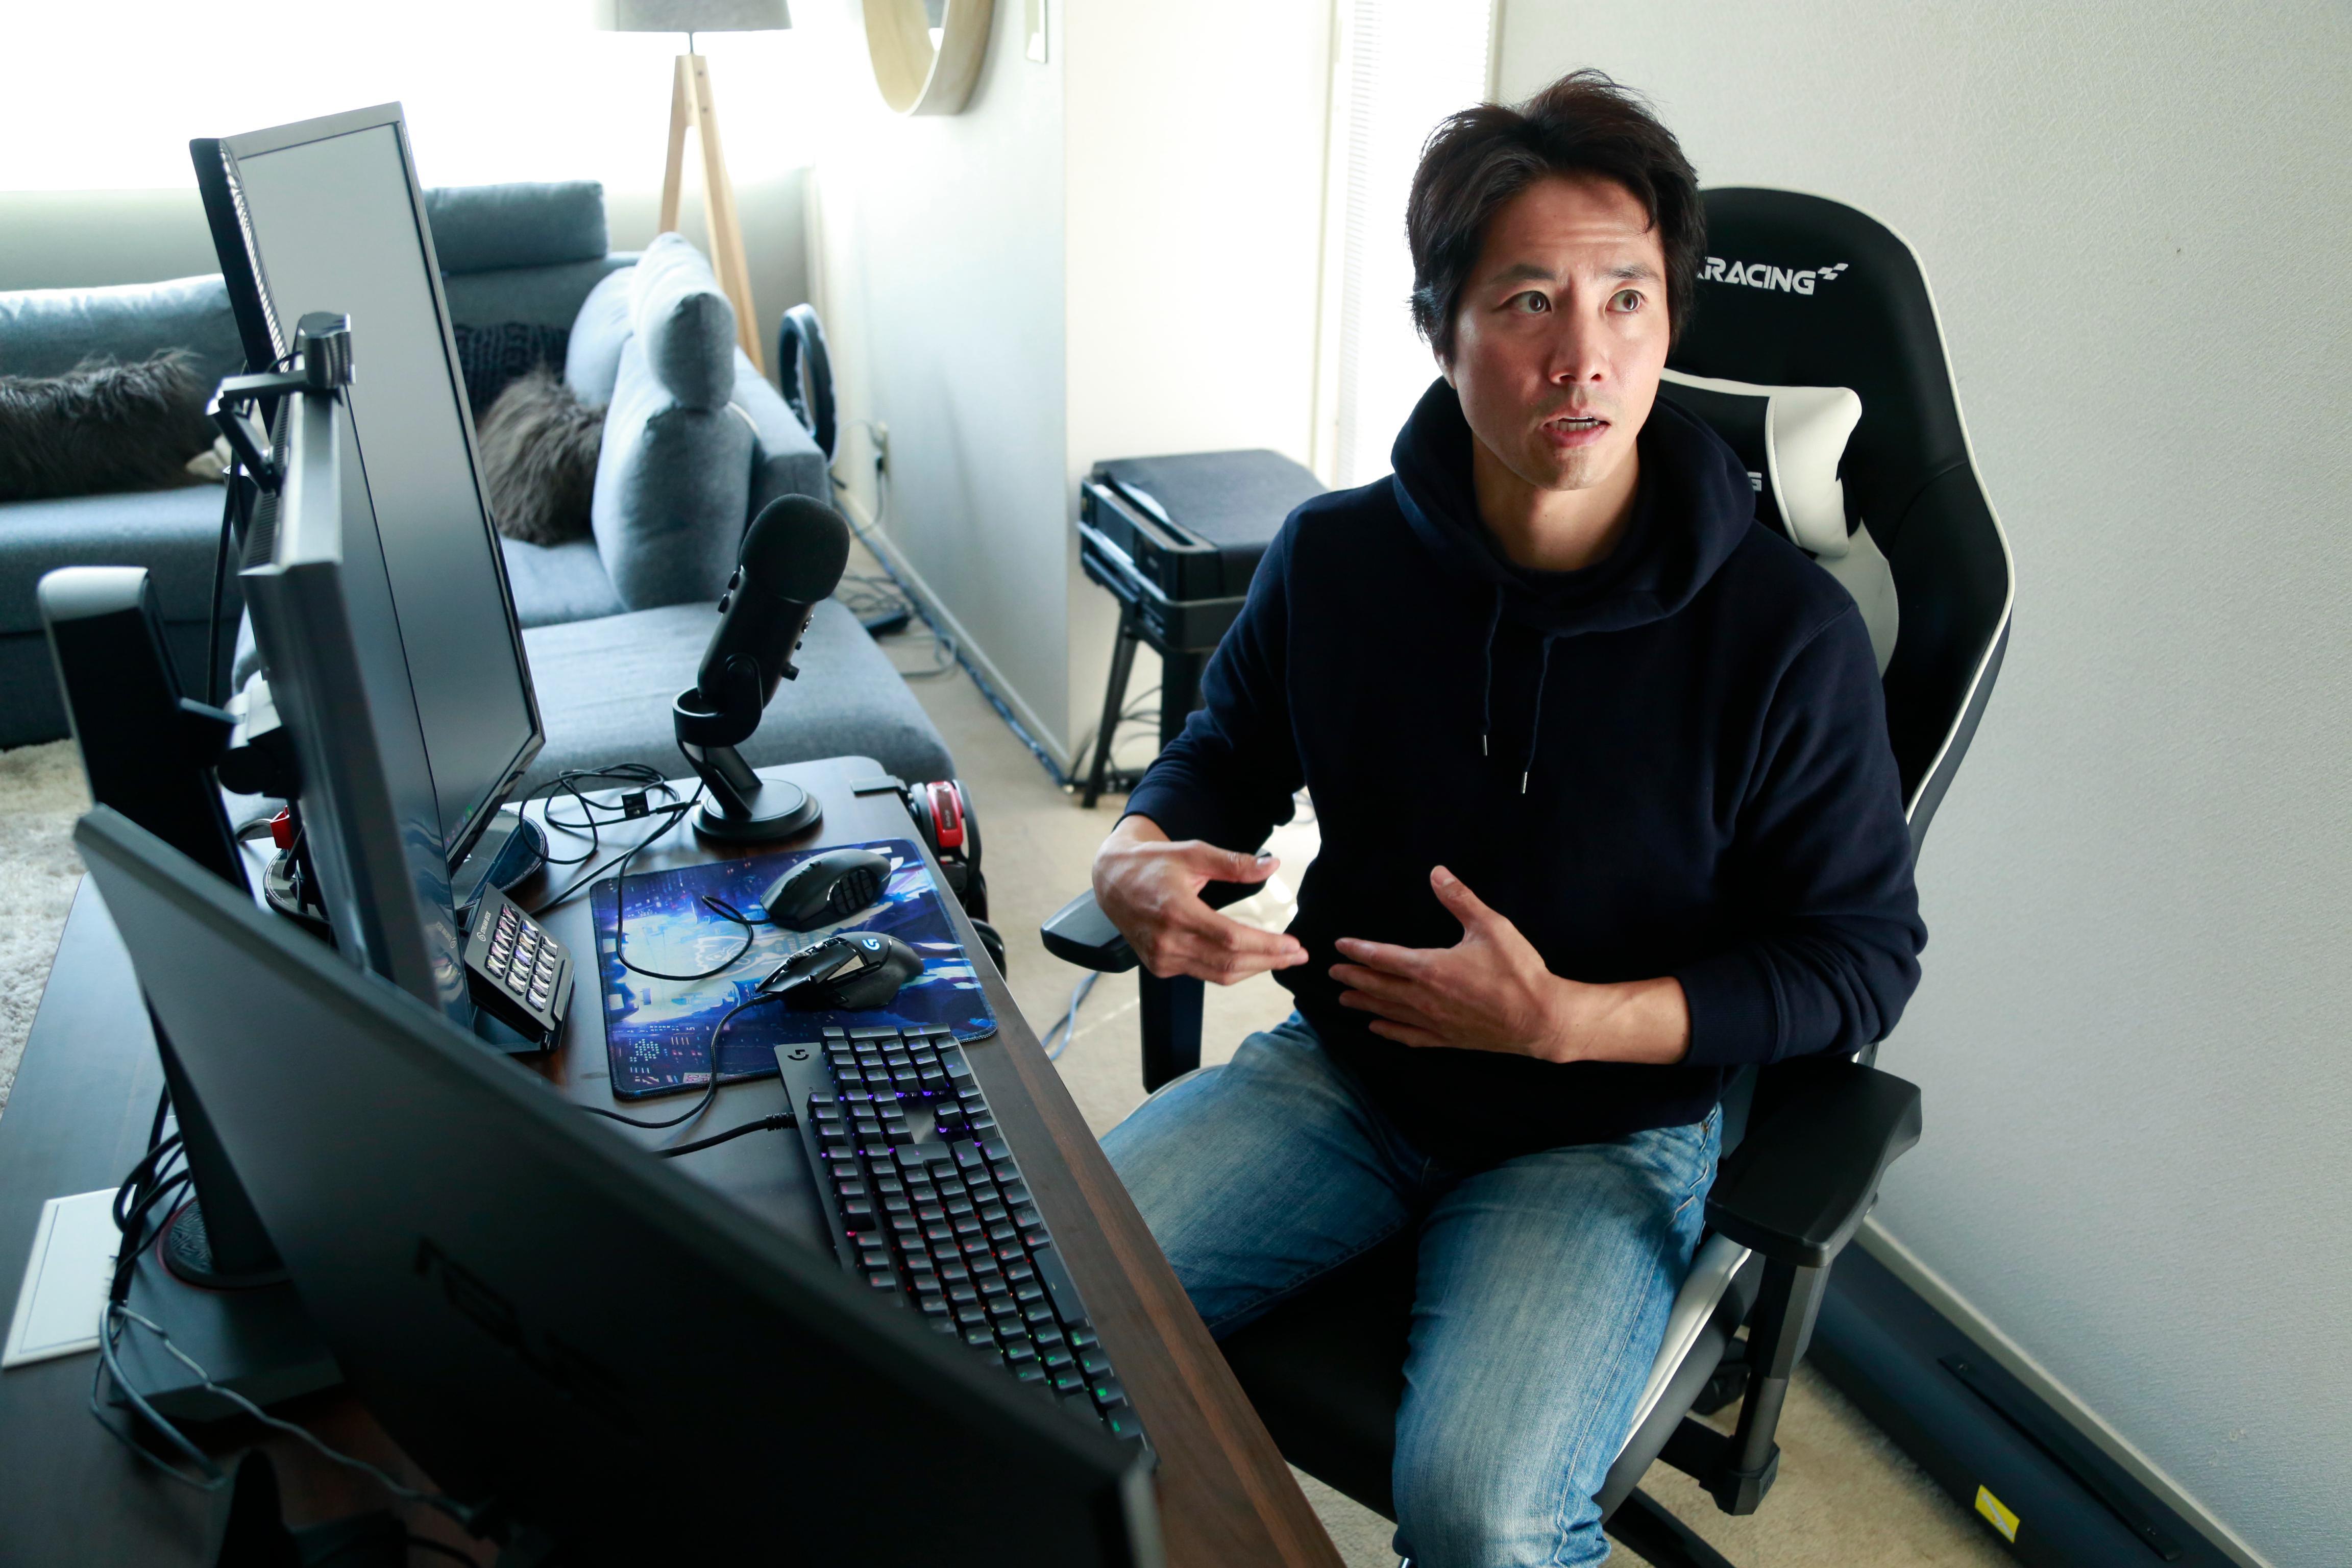 ケイン・コスギの自宅ゲーム配信環境・AKRacingのゲーミングチェア